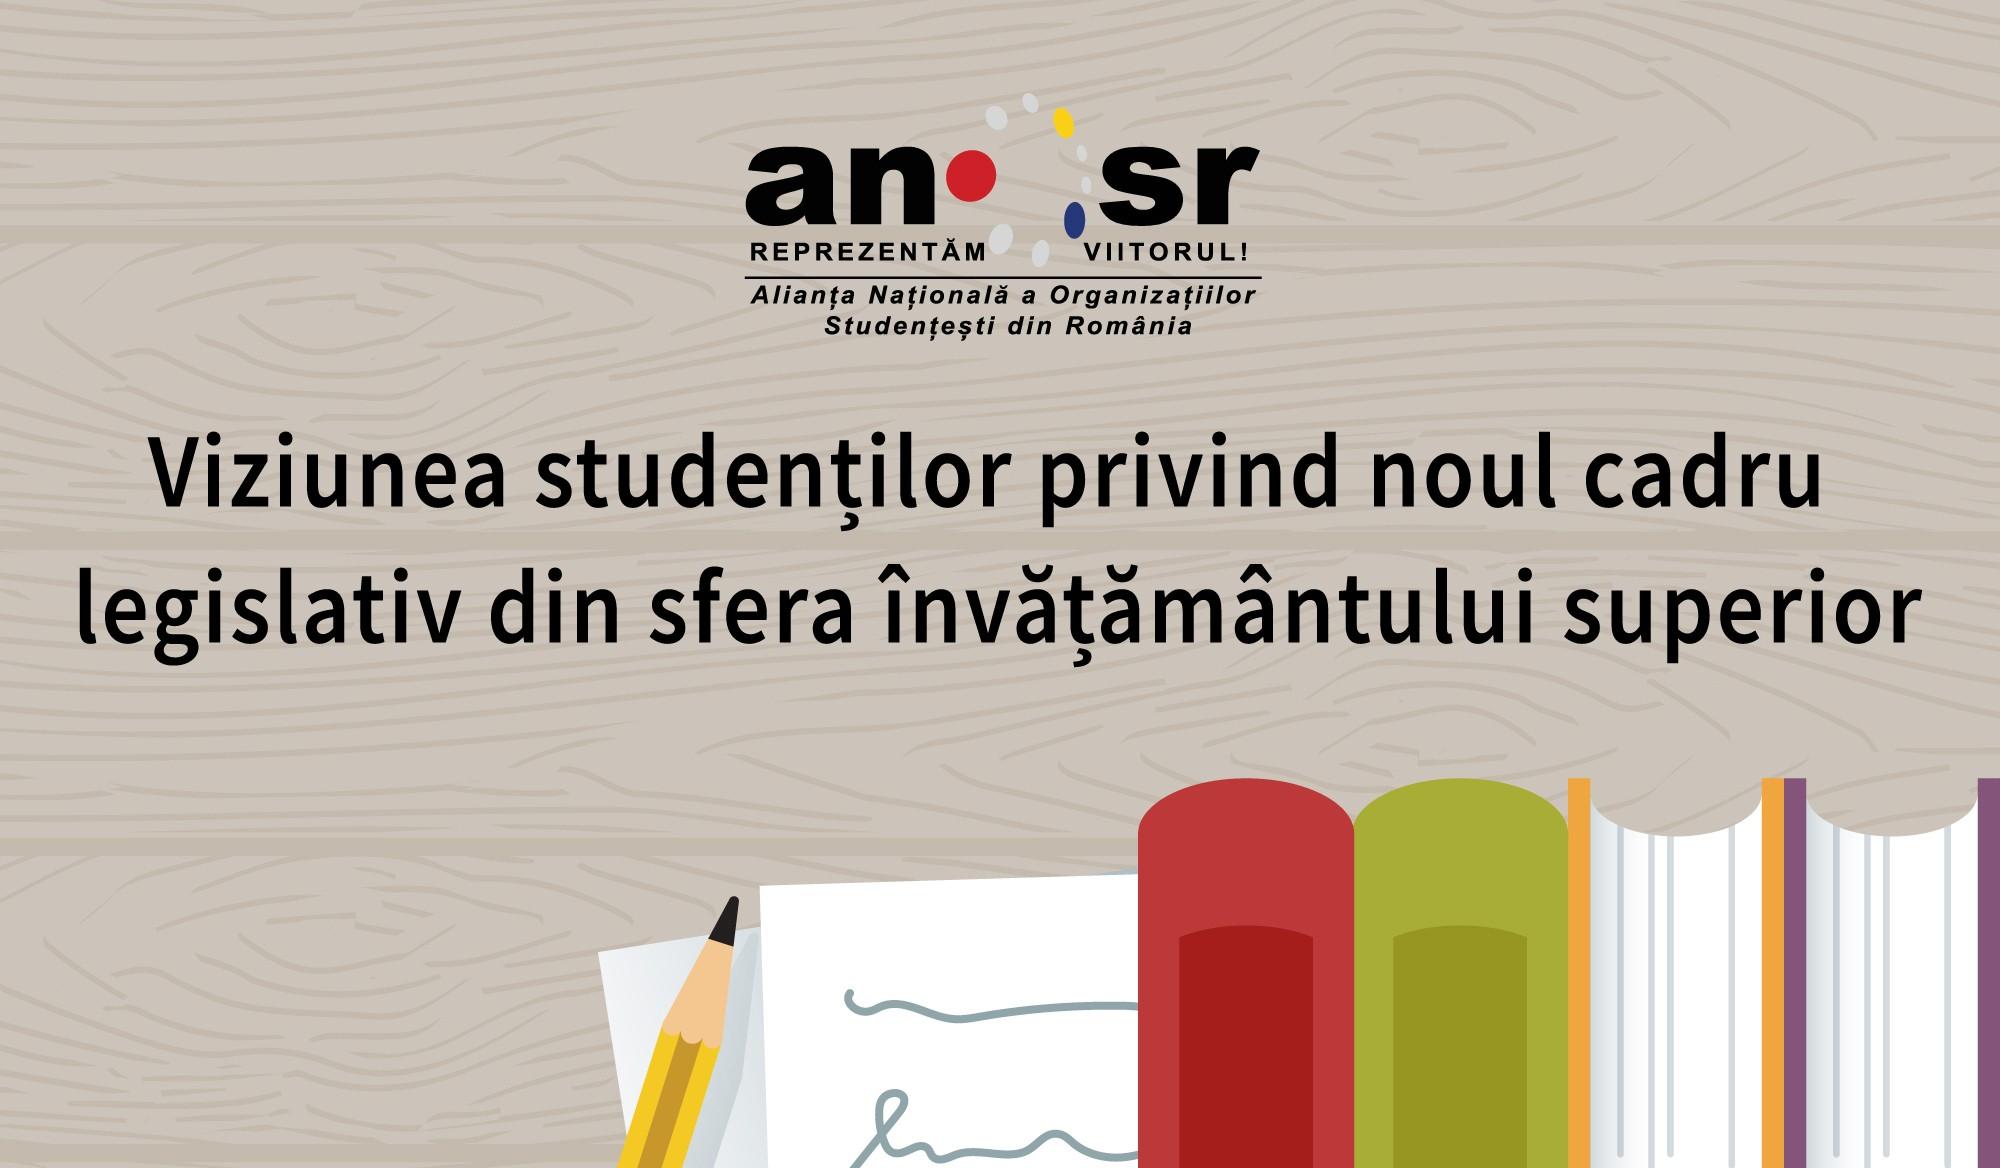 Viziunea studenților privind noul cadru legislativ din sfera învățământului superior